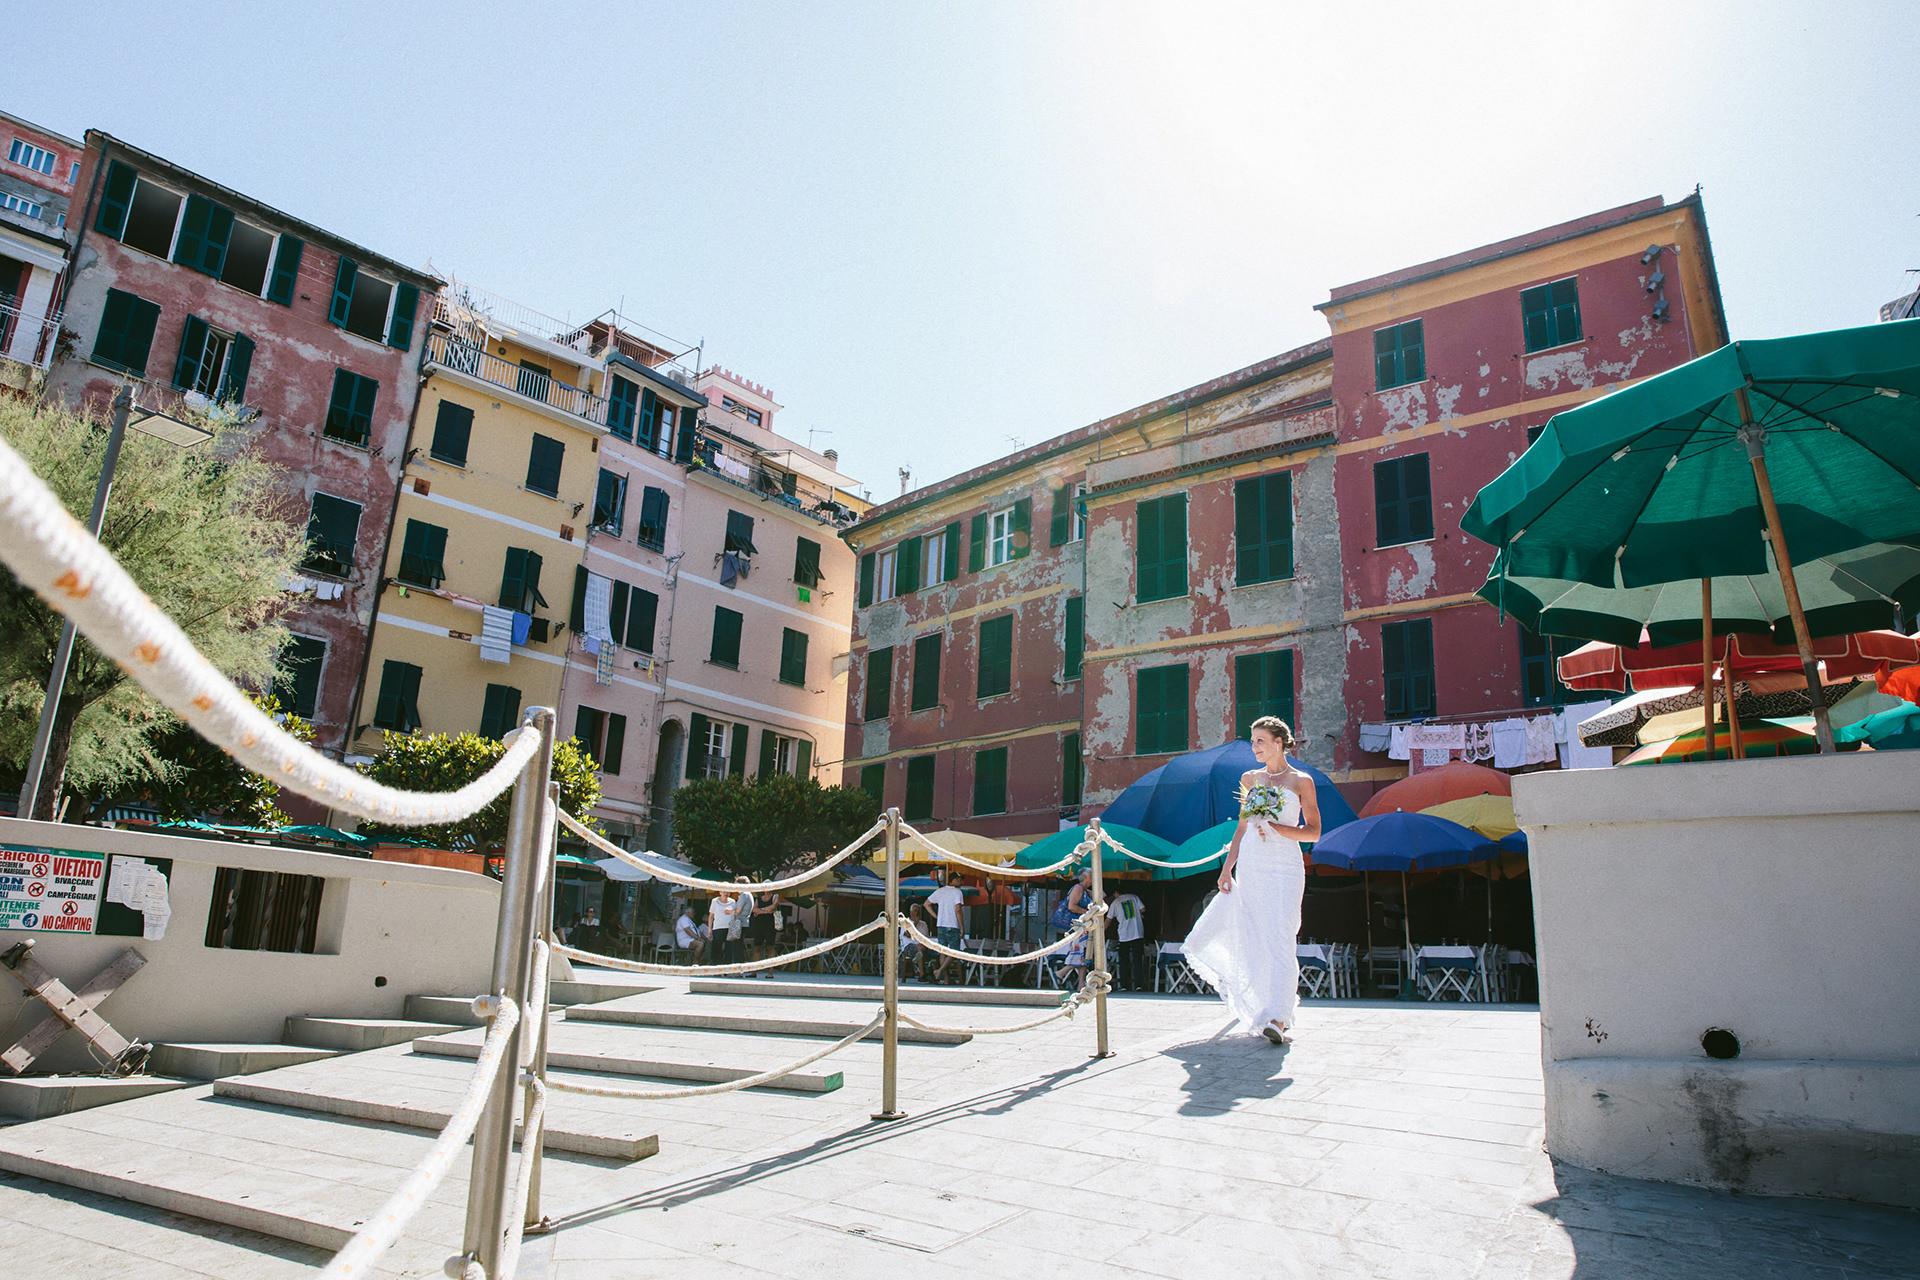 Mariage sur la plage des Cinque Terre - Italie Elopement Image | La mariée sur le point de se présenter à la cérémonie